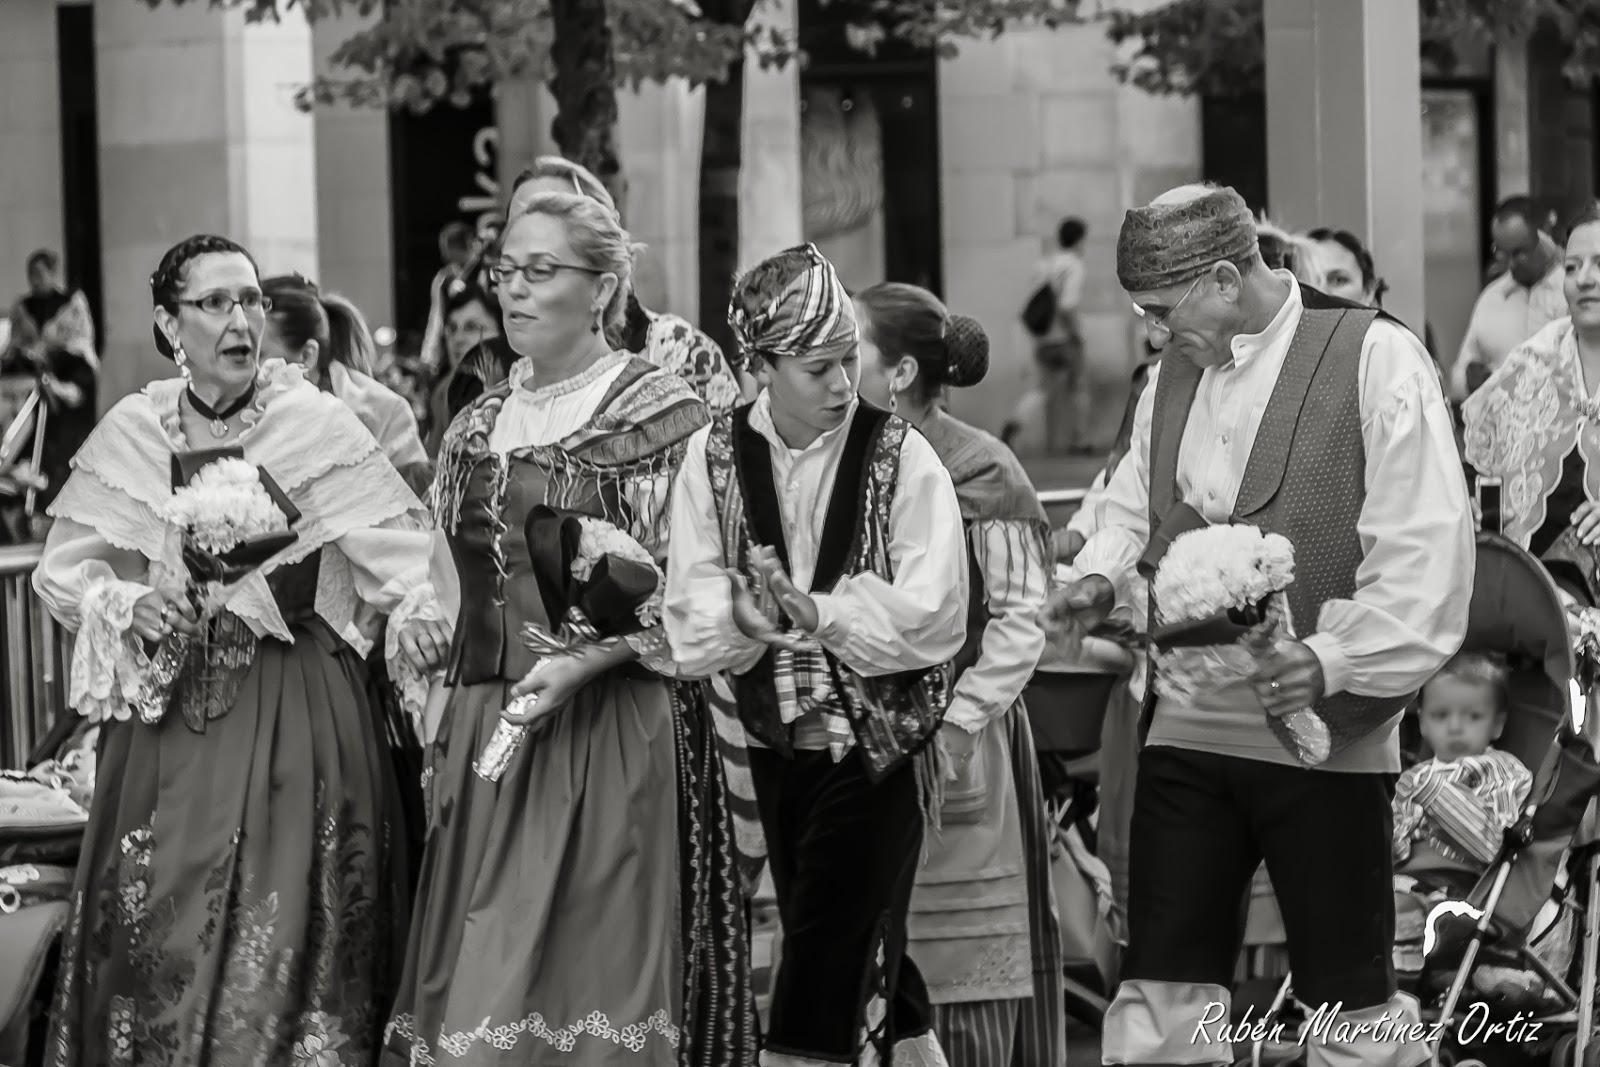 Fiestas del pilar 2015: ofrenda floral a la virgen — idealista  - Fotos Ofrenda De Flores Zaragoza 2013